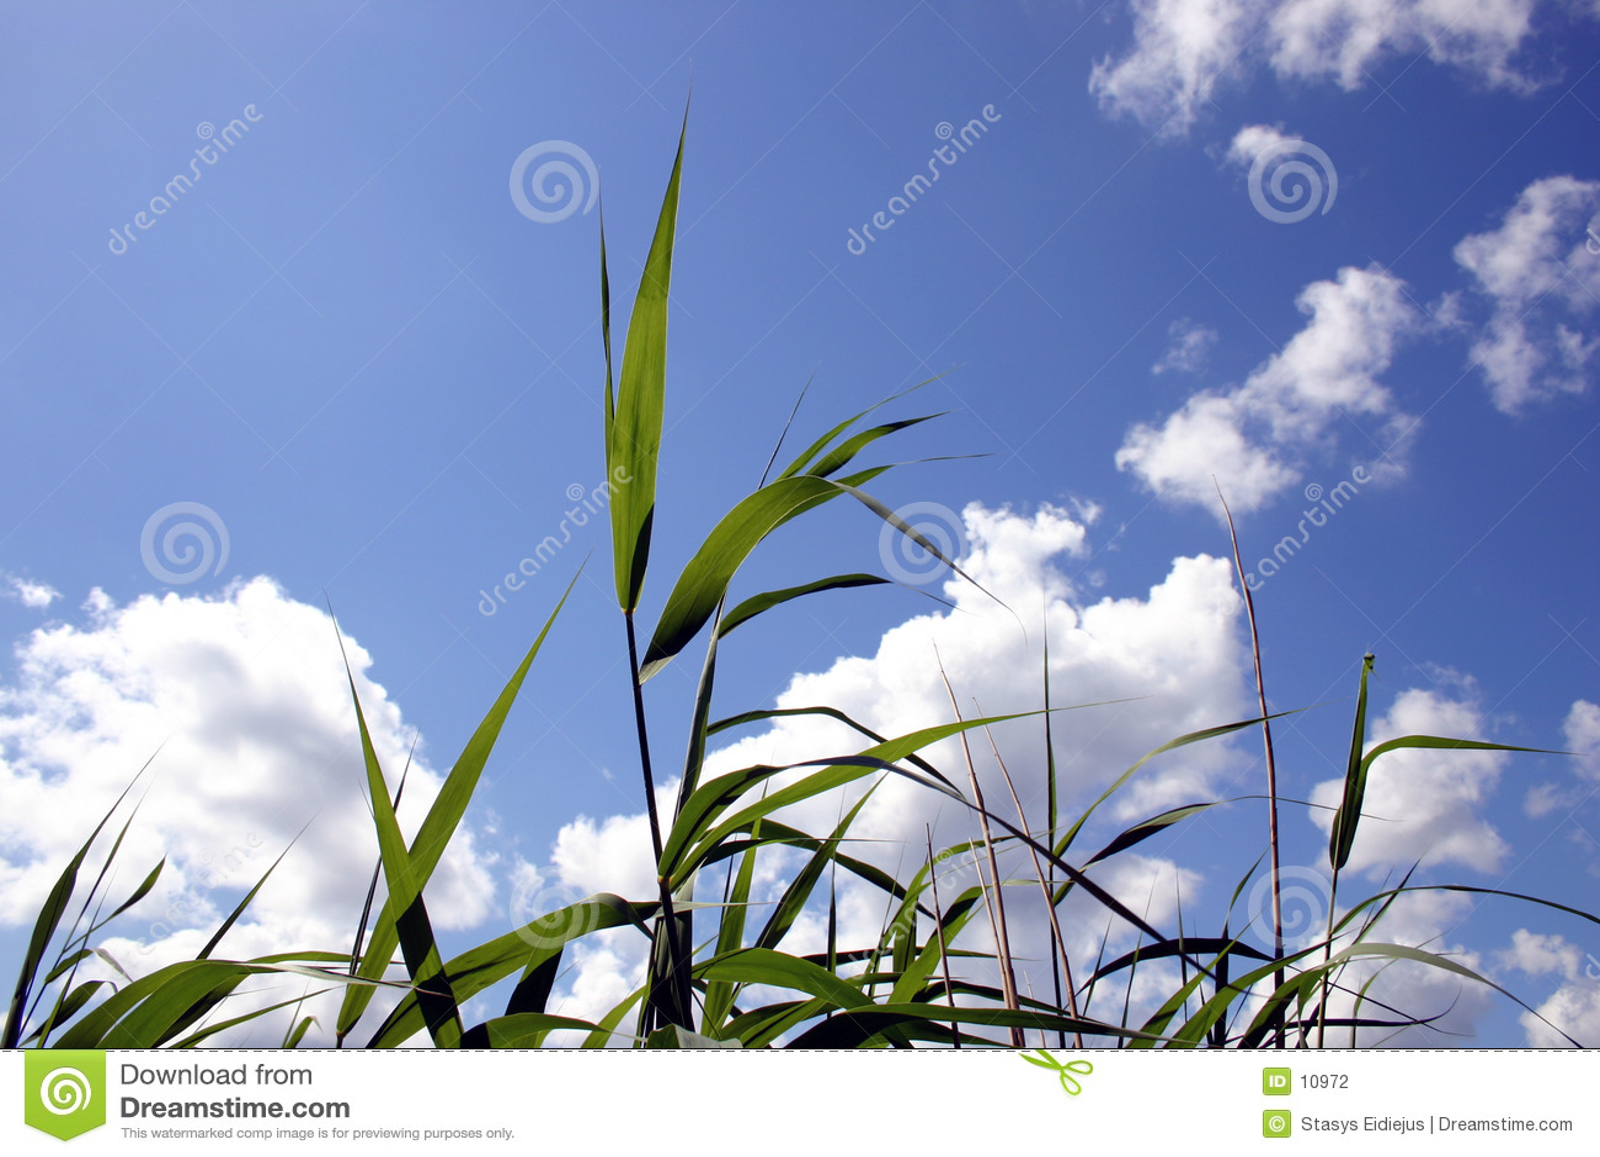 Transparent reeds